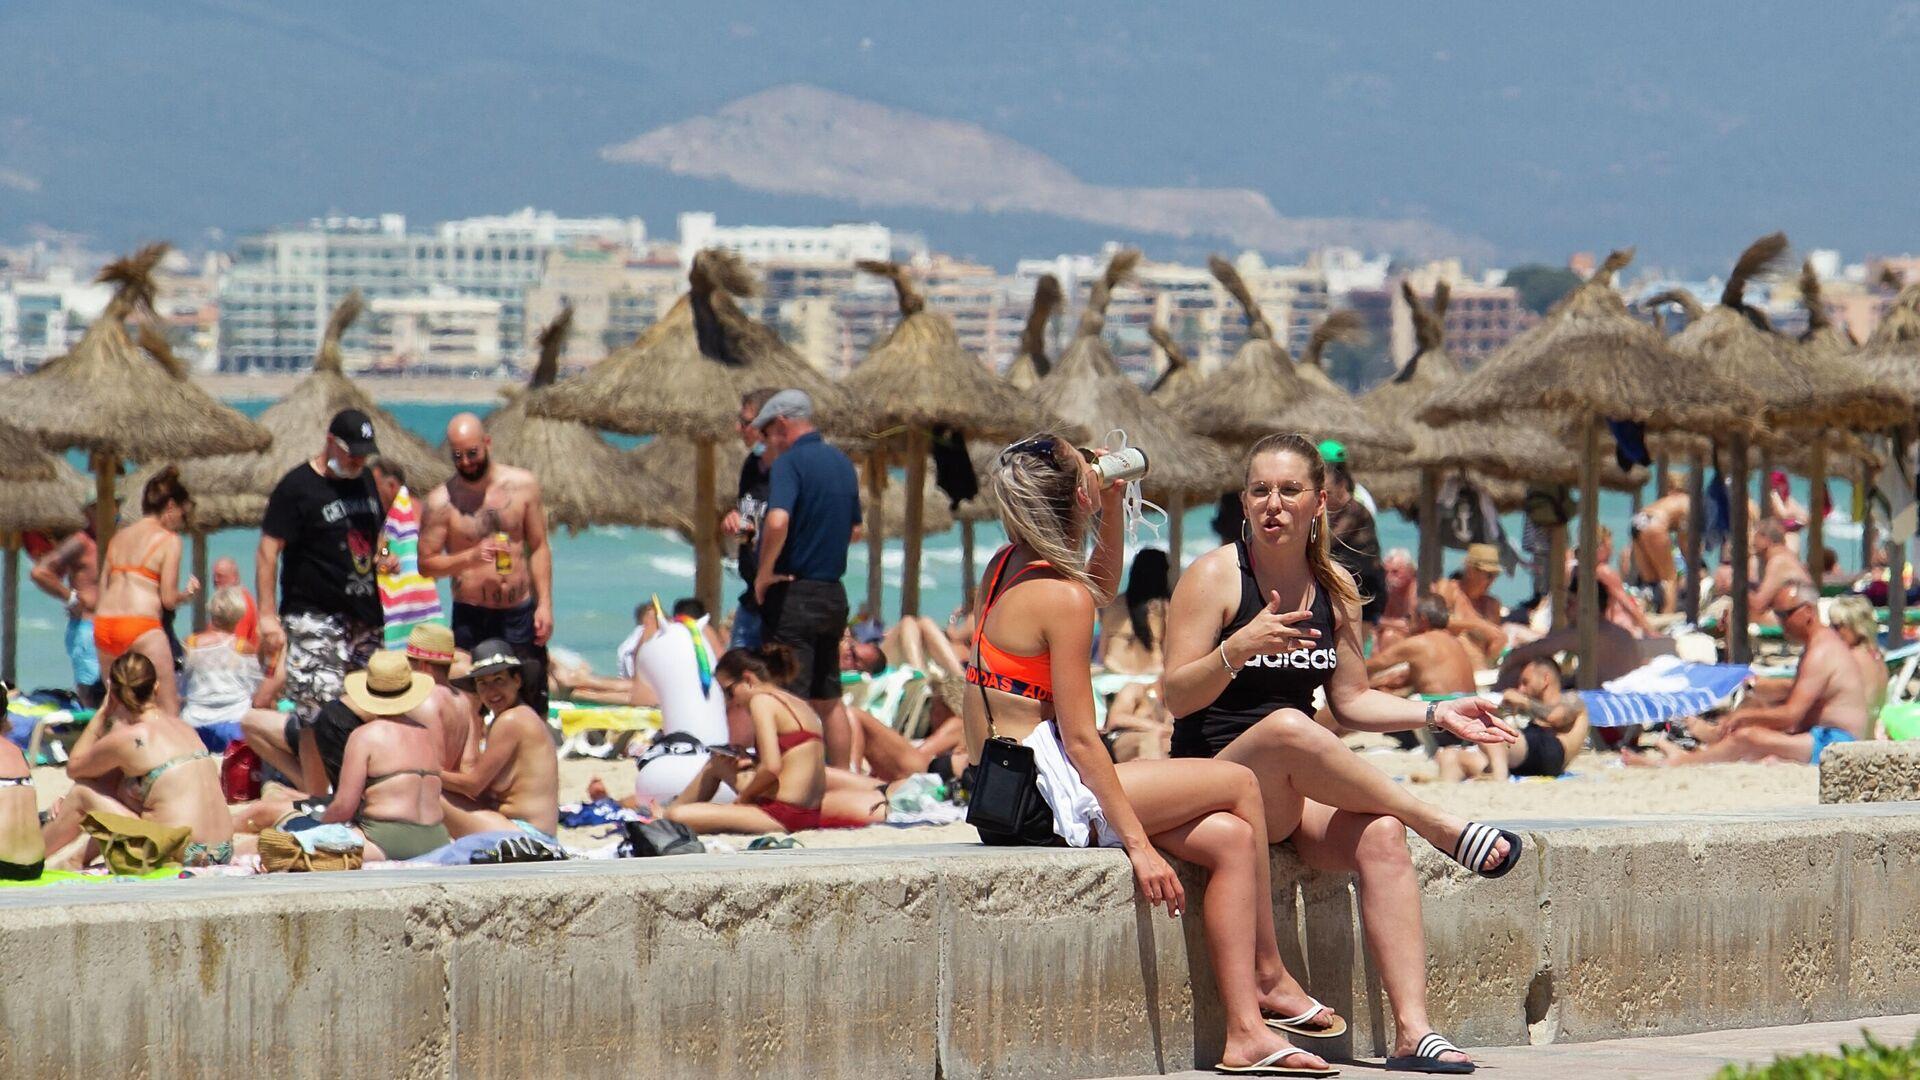 Turistas en Playa de Palma (Mallorca) - Sputnik Mundo, 1920, 28.06.2021